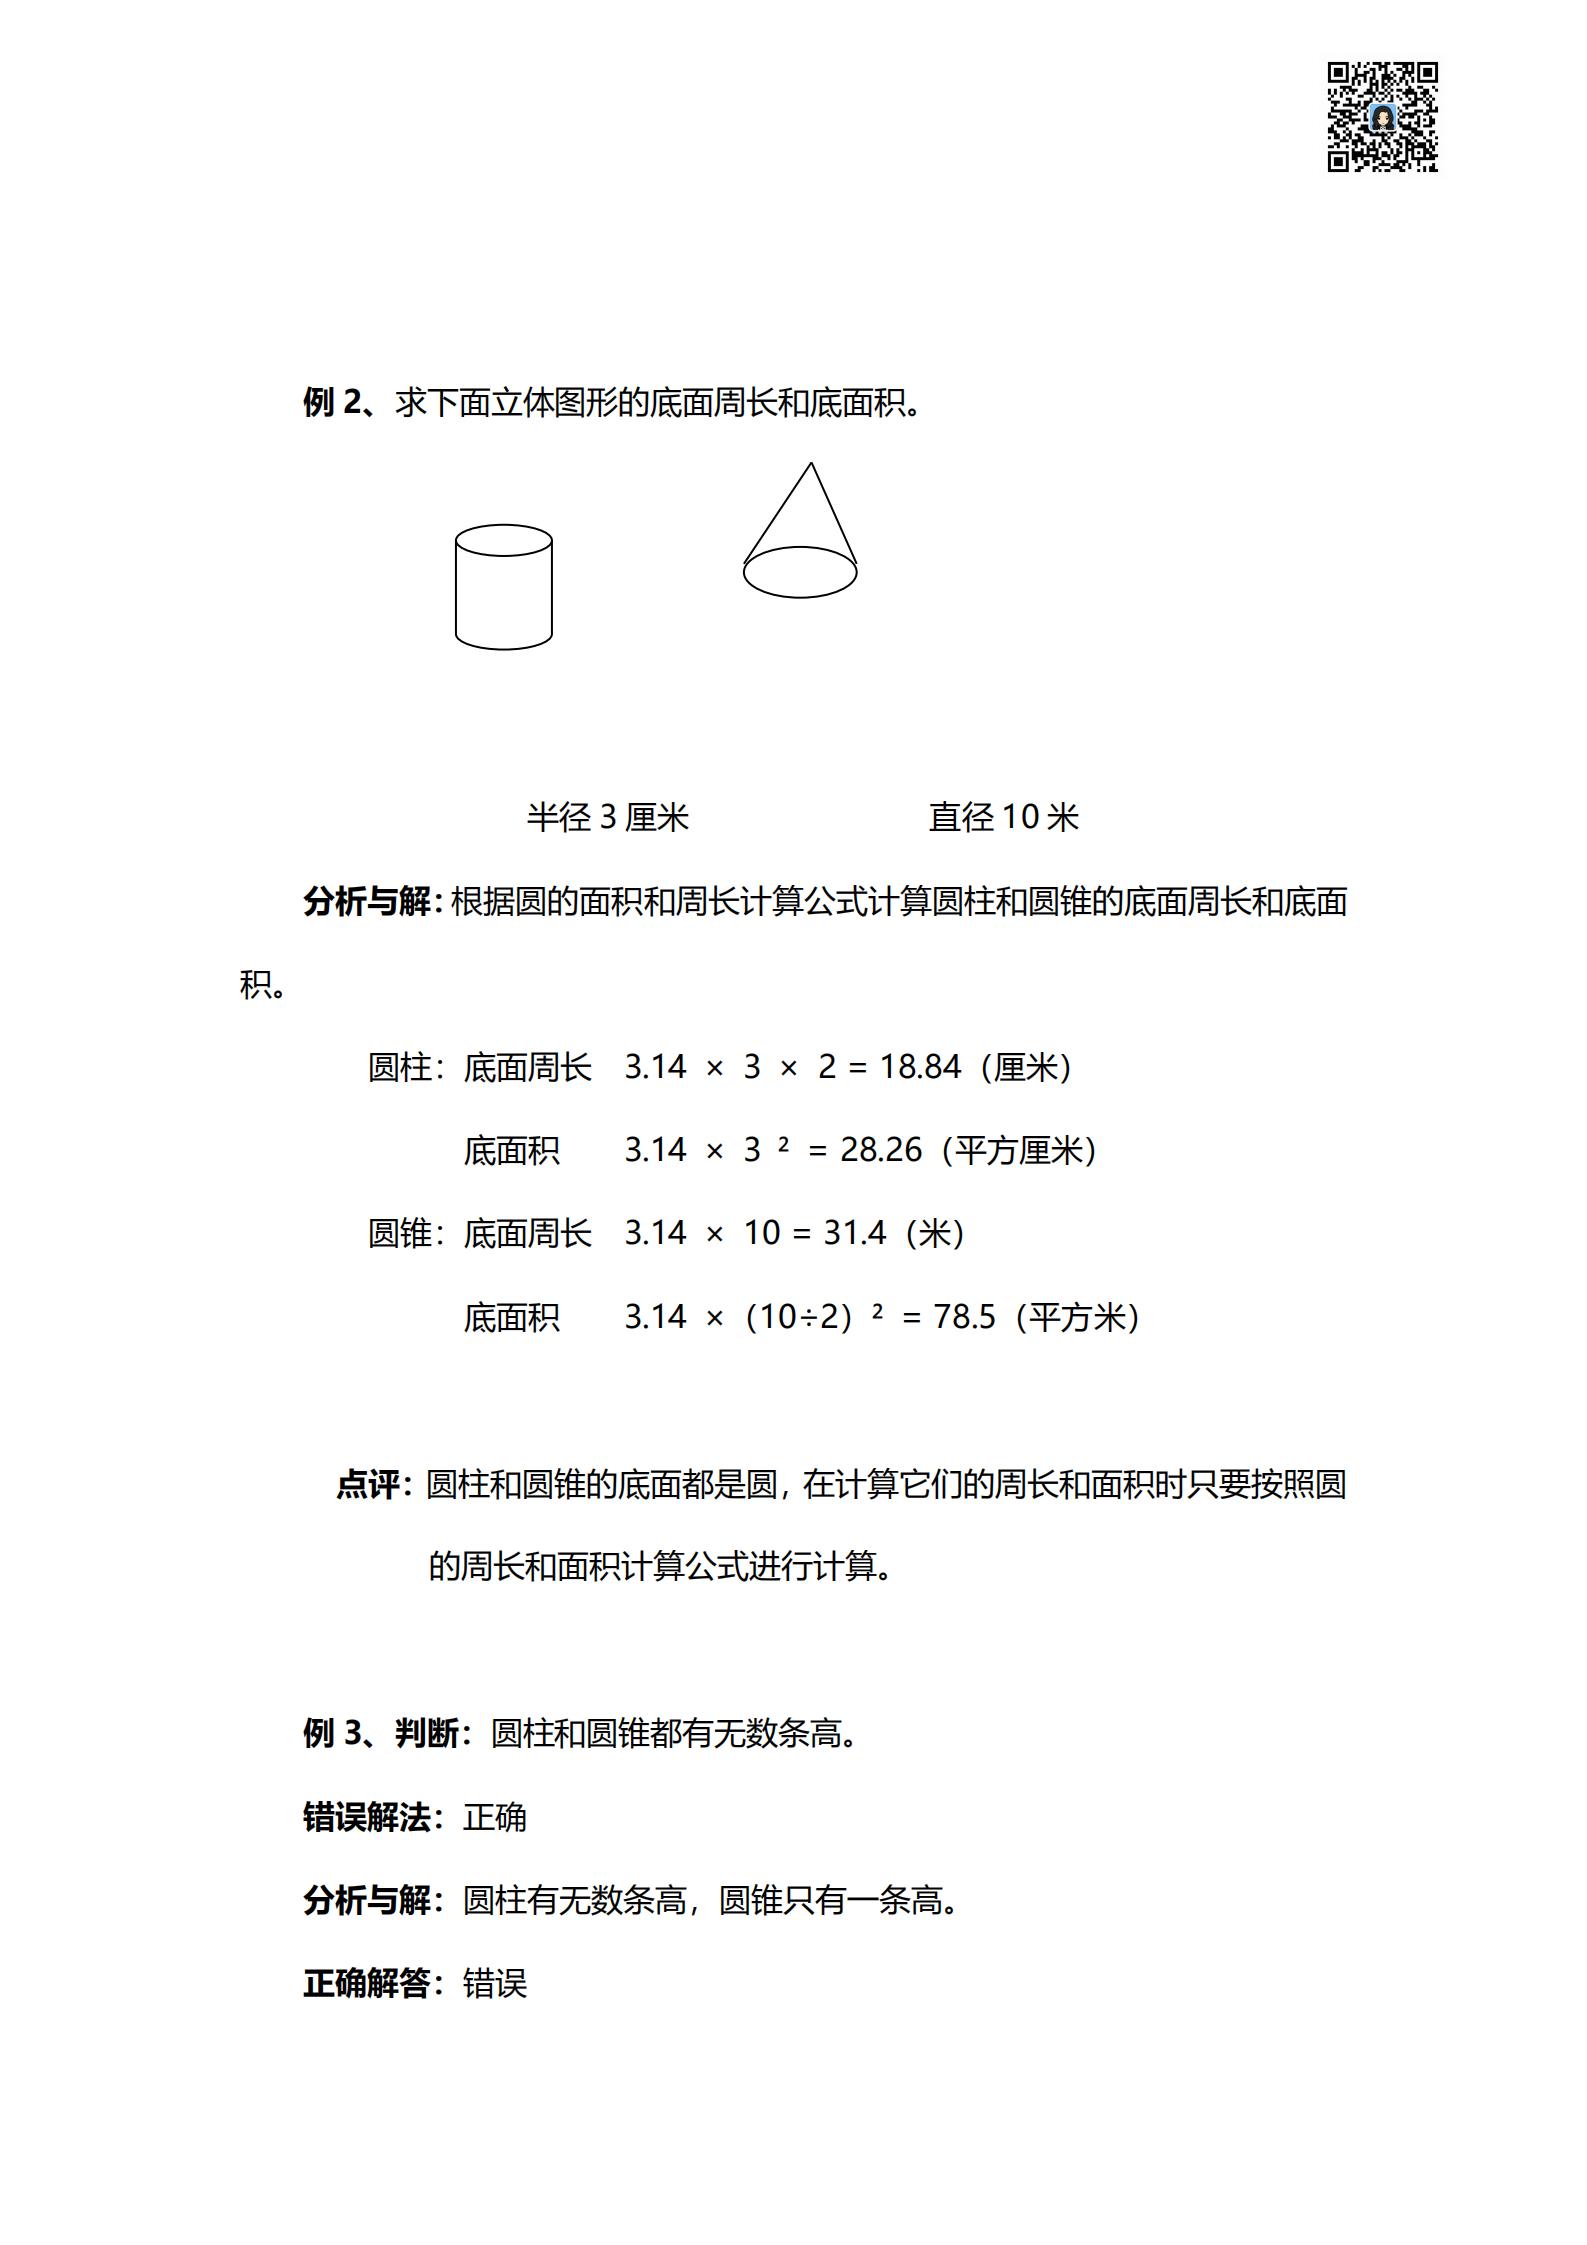 【数学】高频考点-四大专题知识点精选题_02.png